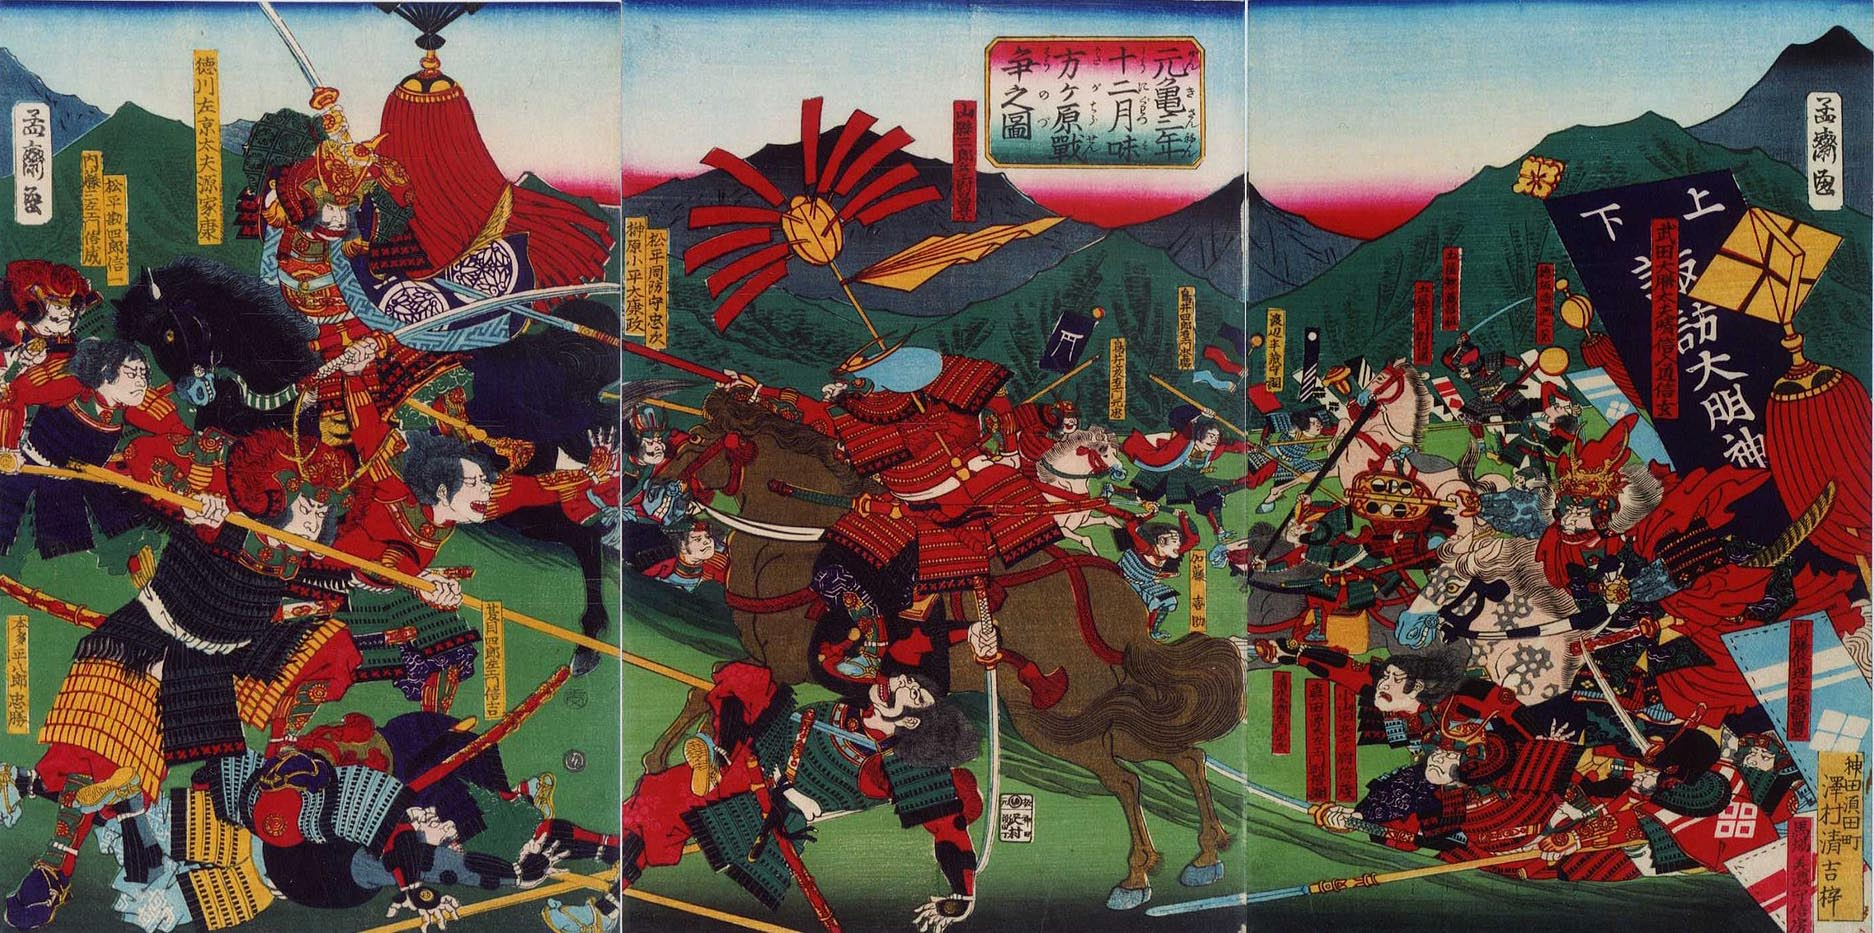 『元亀三年十二月味方ヶ原戰争之圖』 歌川芳虎画